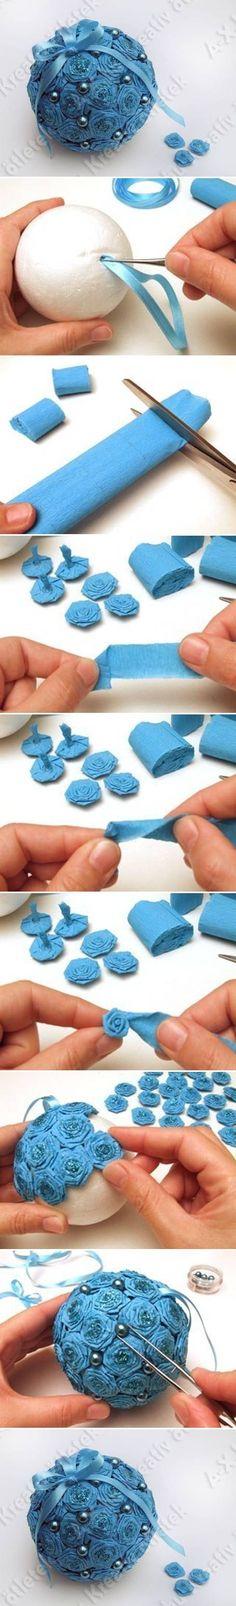 Comment bricoler des boules de papier crépon! - Décoration - Des idées de décorations pour votre maison et le bureau - Trucs et Bricolages - Fallait y penser !                                                                                                                                                                                 Plus